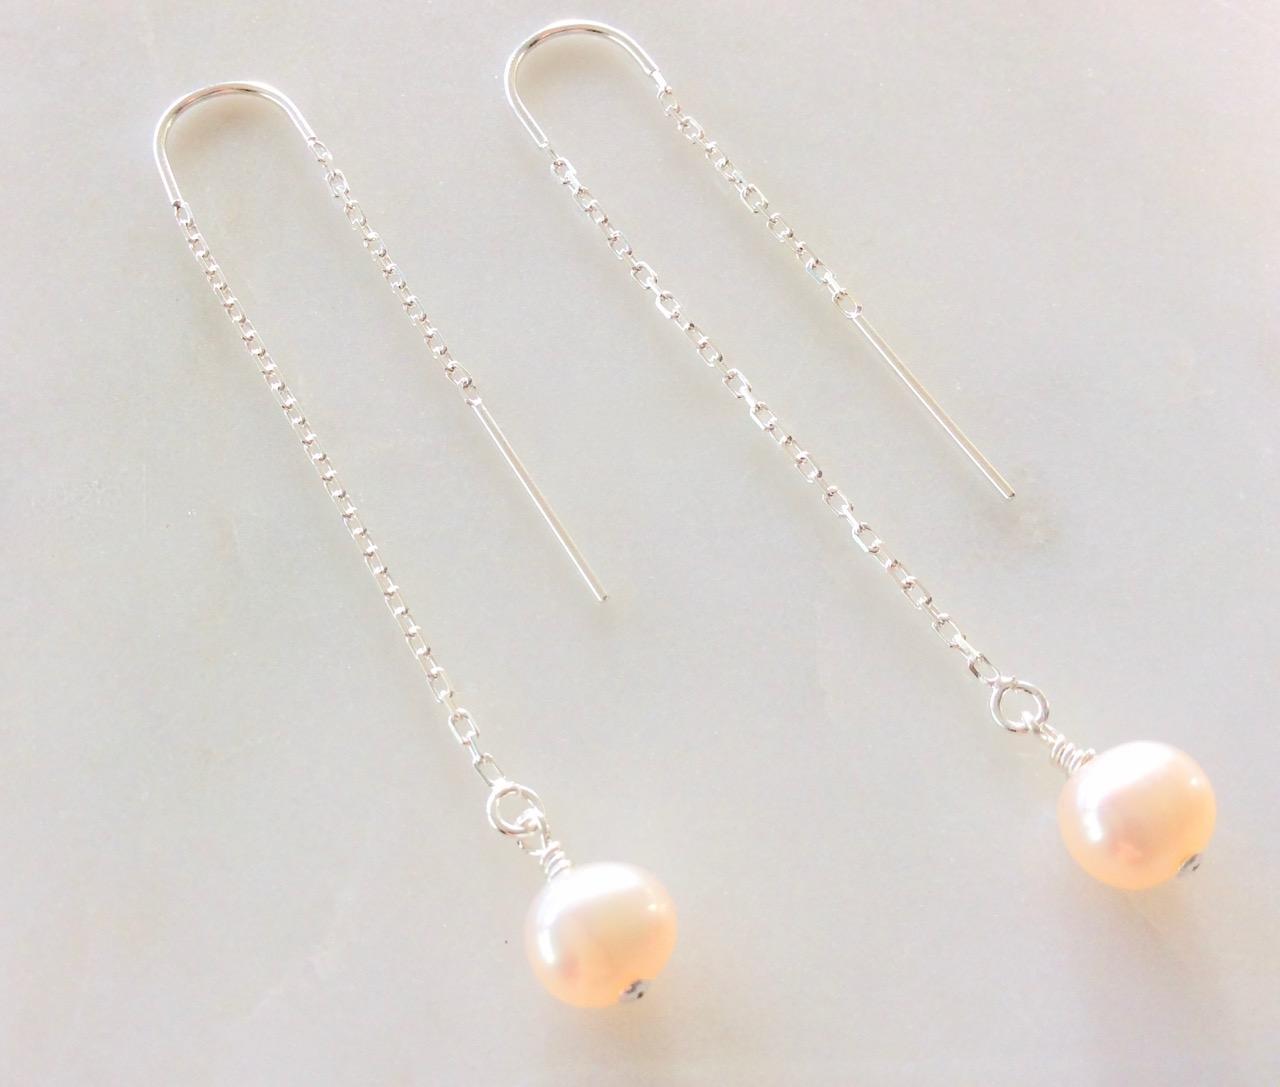 Silver Threader Earrings Threader Earrings Sterling Silver